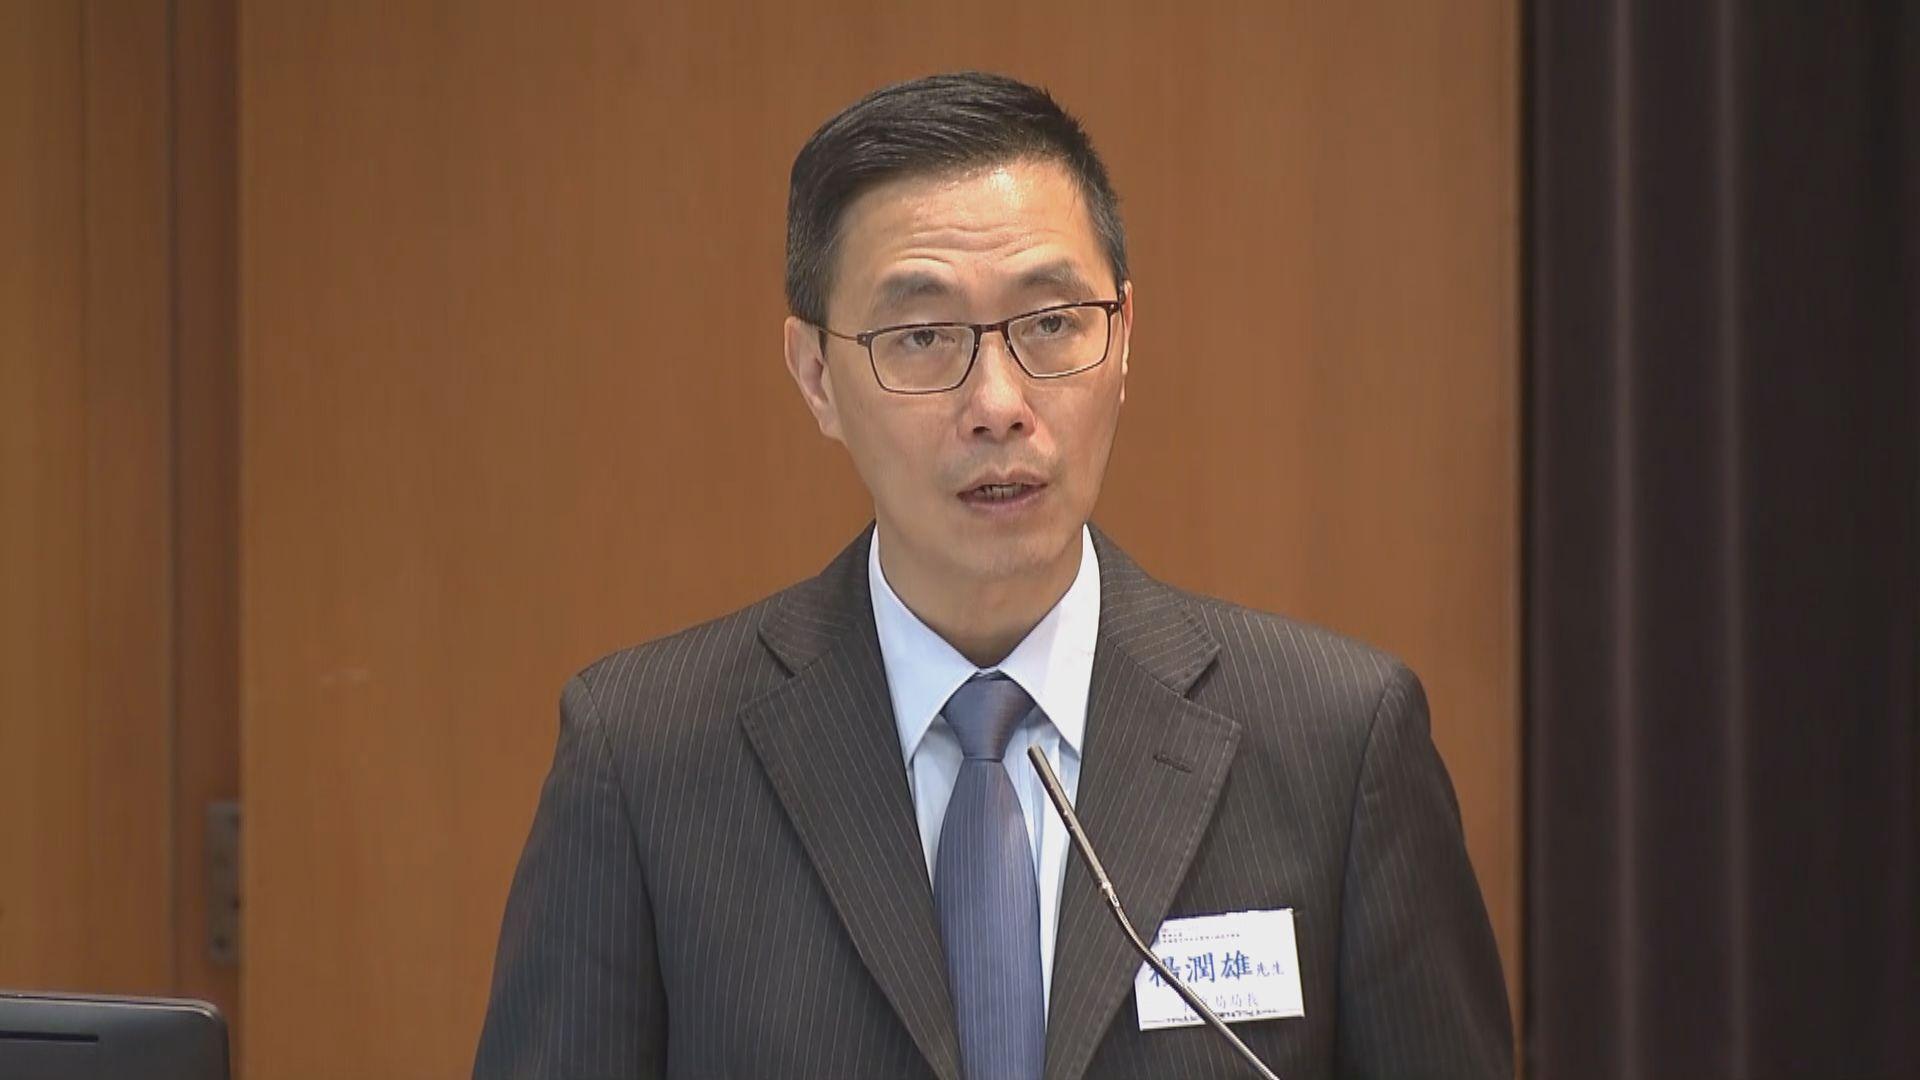 楊潤雄:校方有權不跟隨校舍設備清單